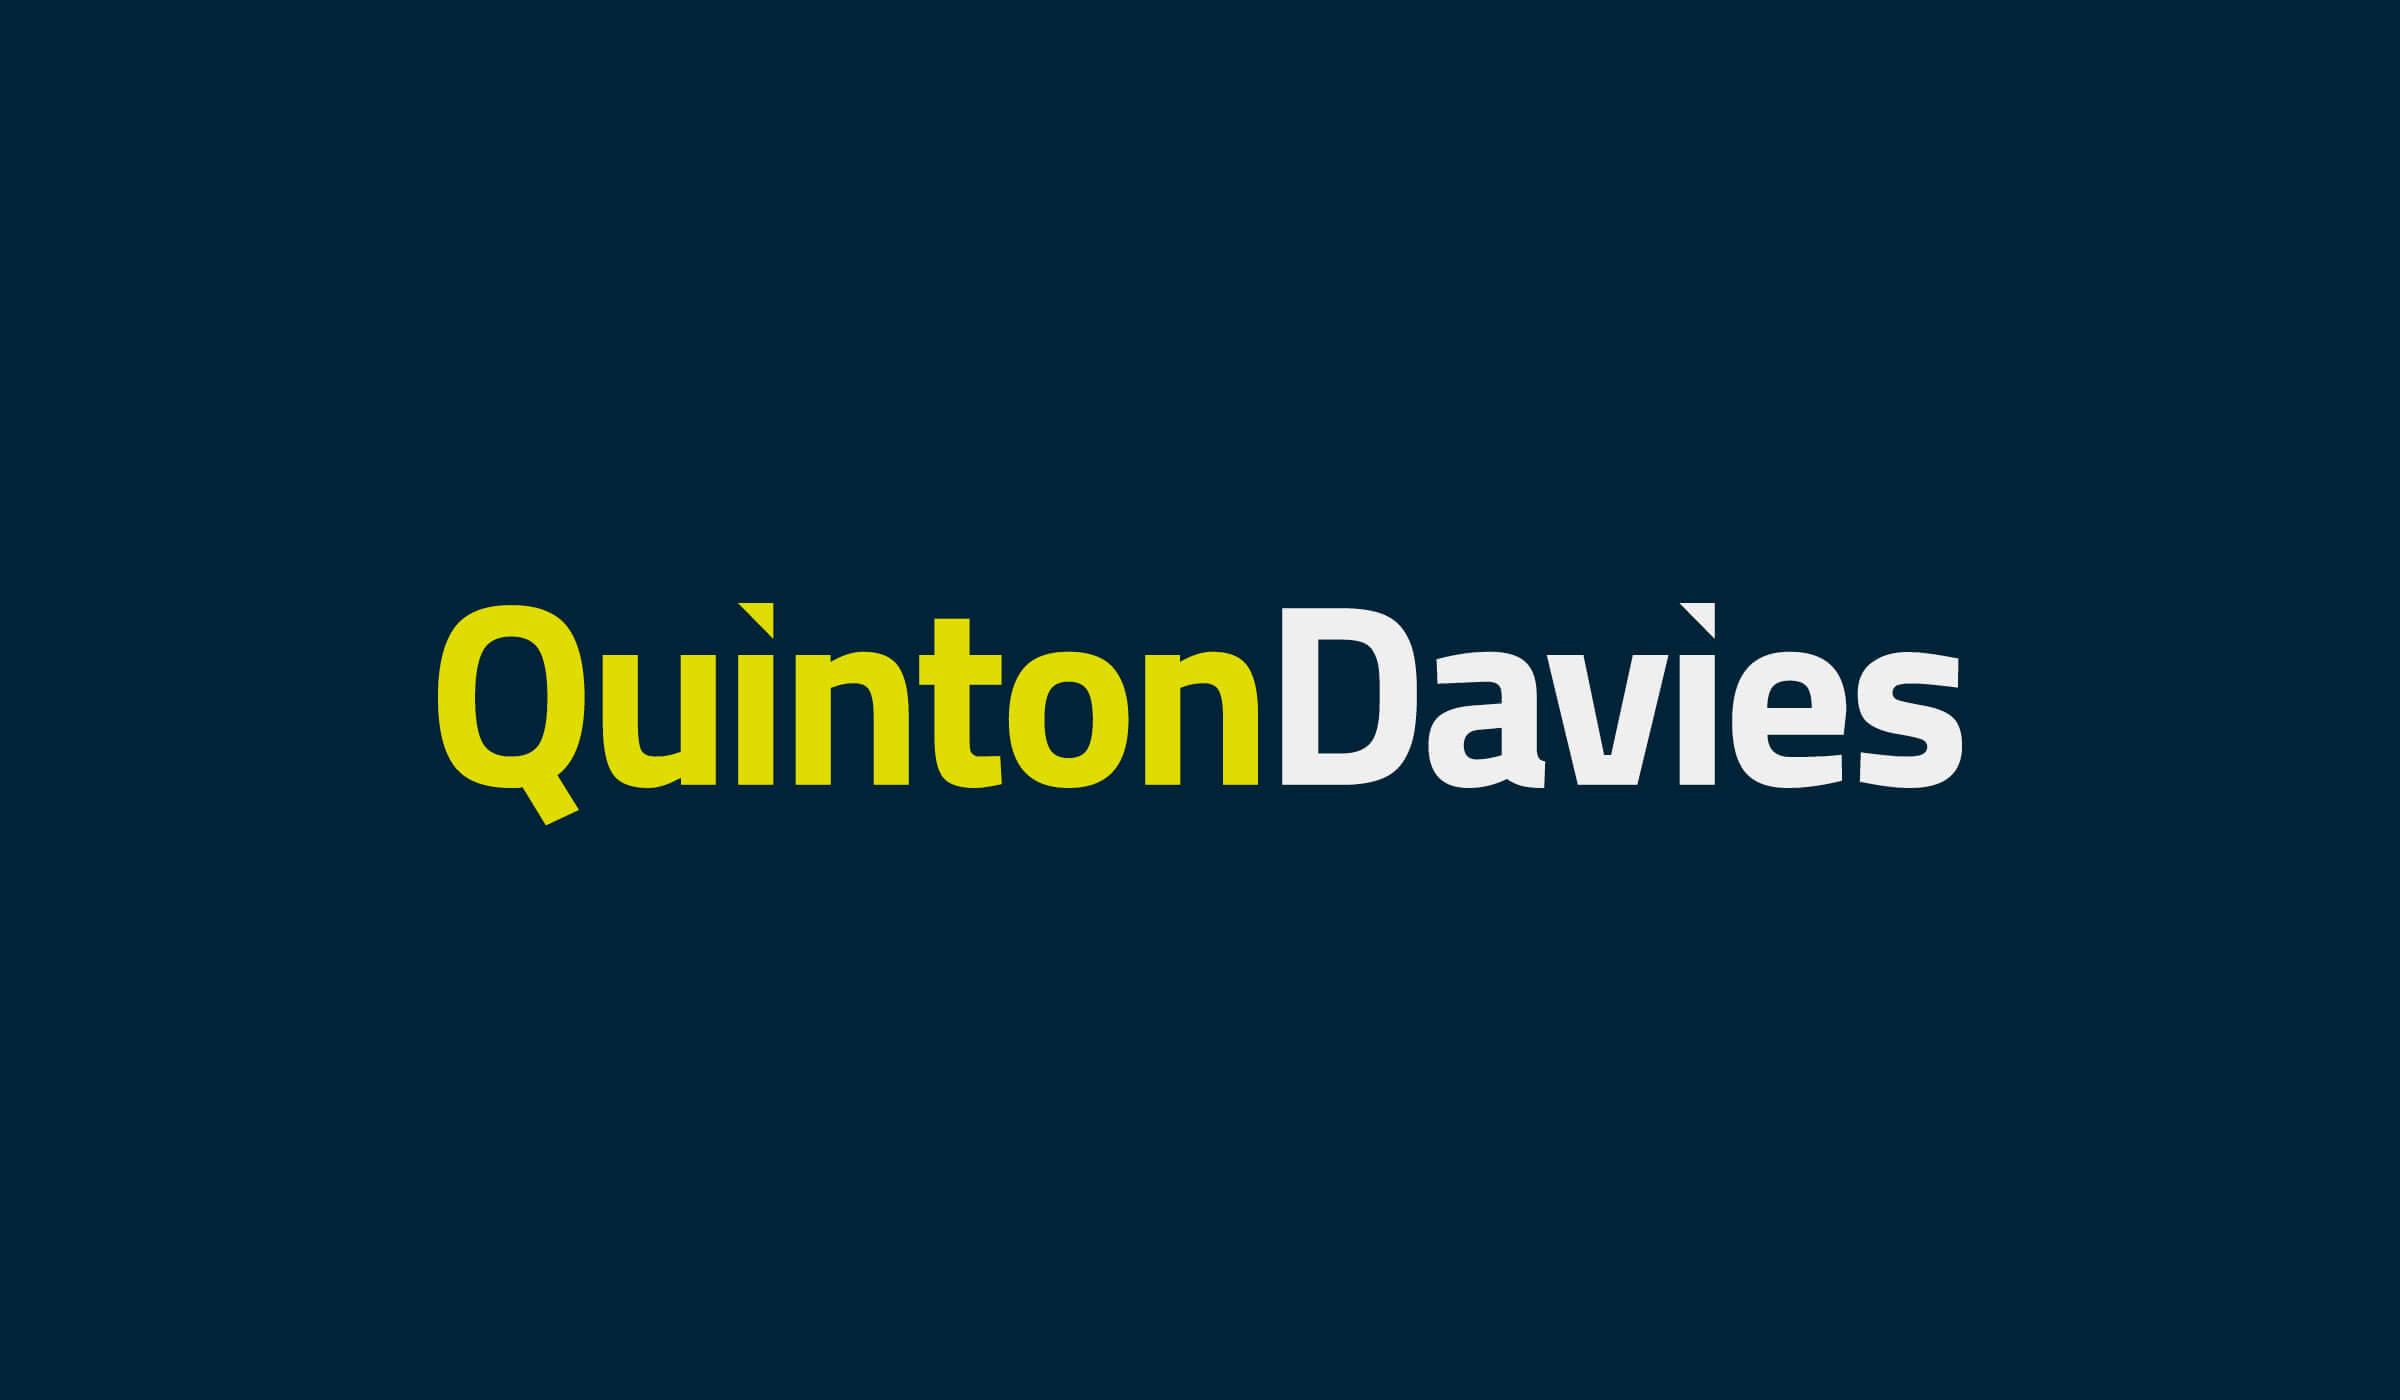 Quinton Davies logo design